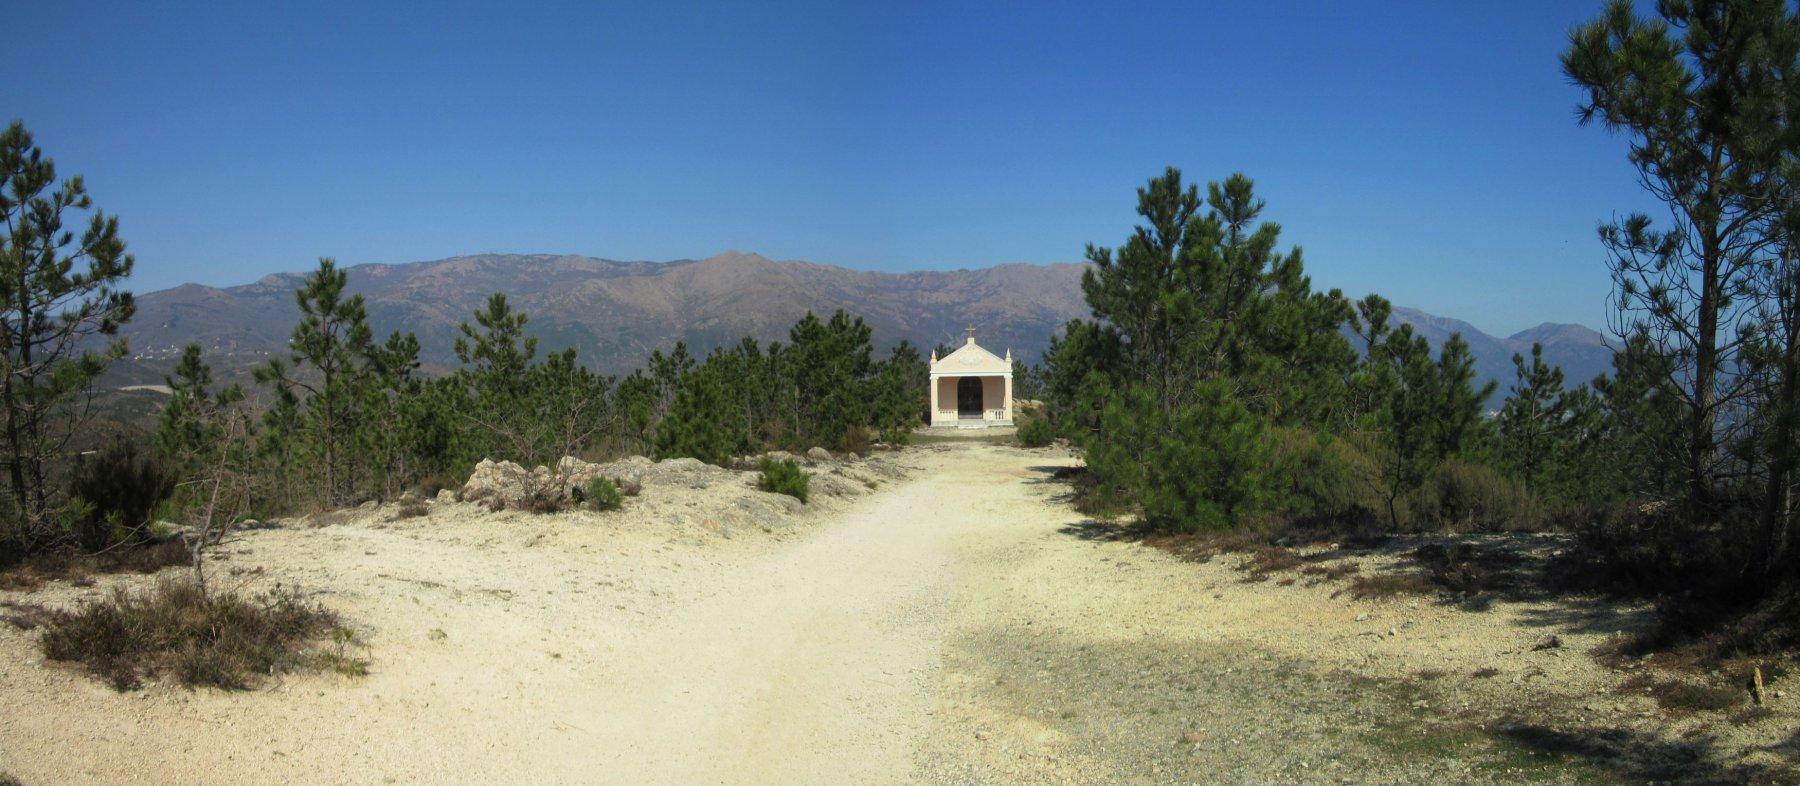 Cappelletta nei pressi del Santuario dove parte il sentiero verso Cogoleto